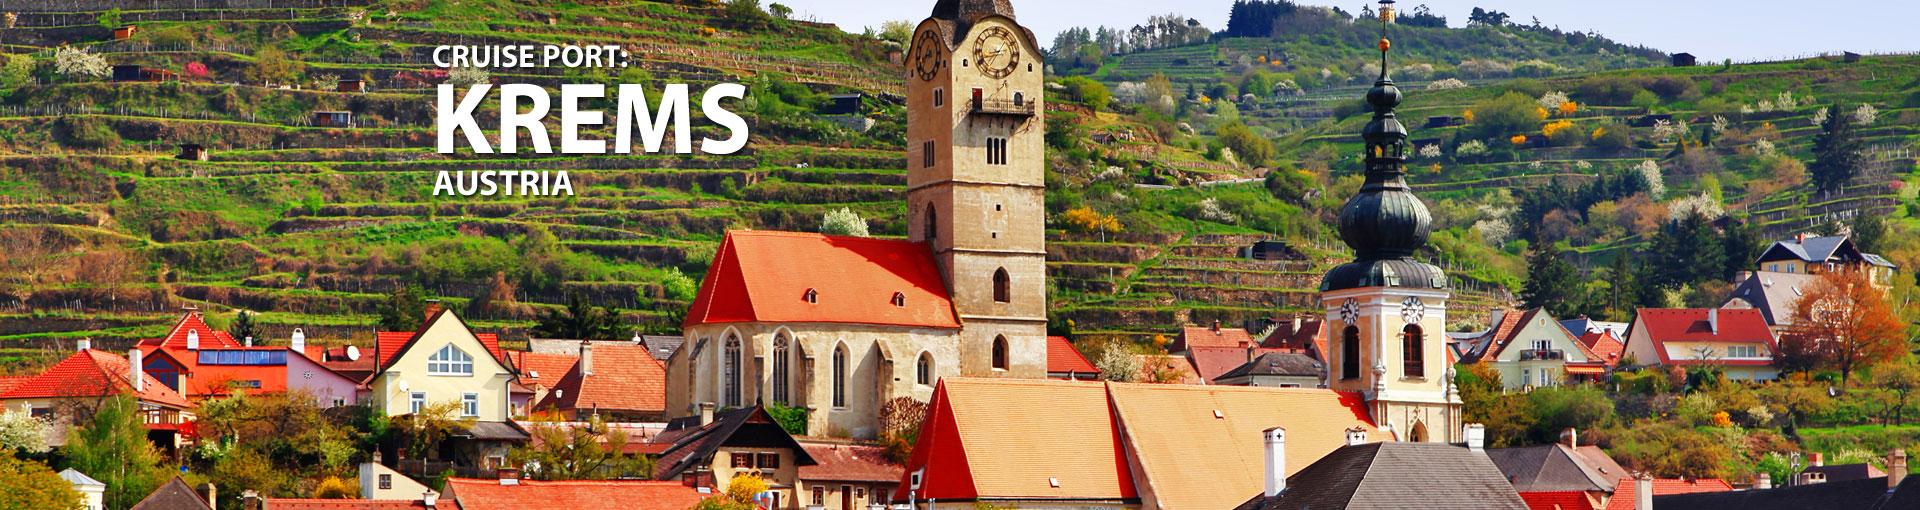 Cruises to Krems, Austria